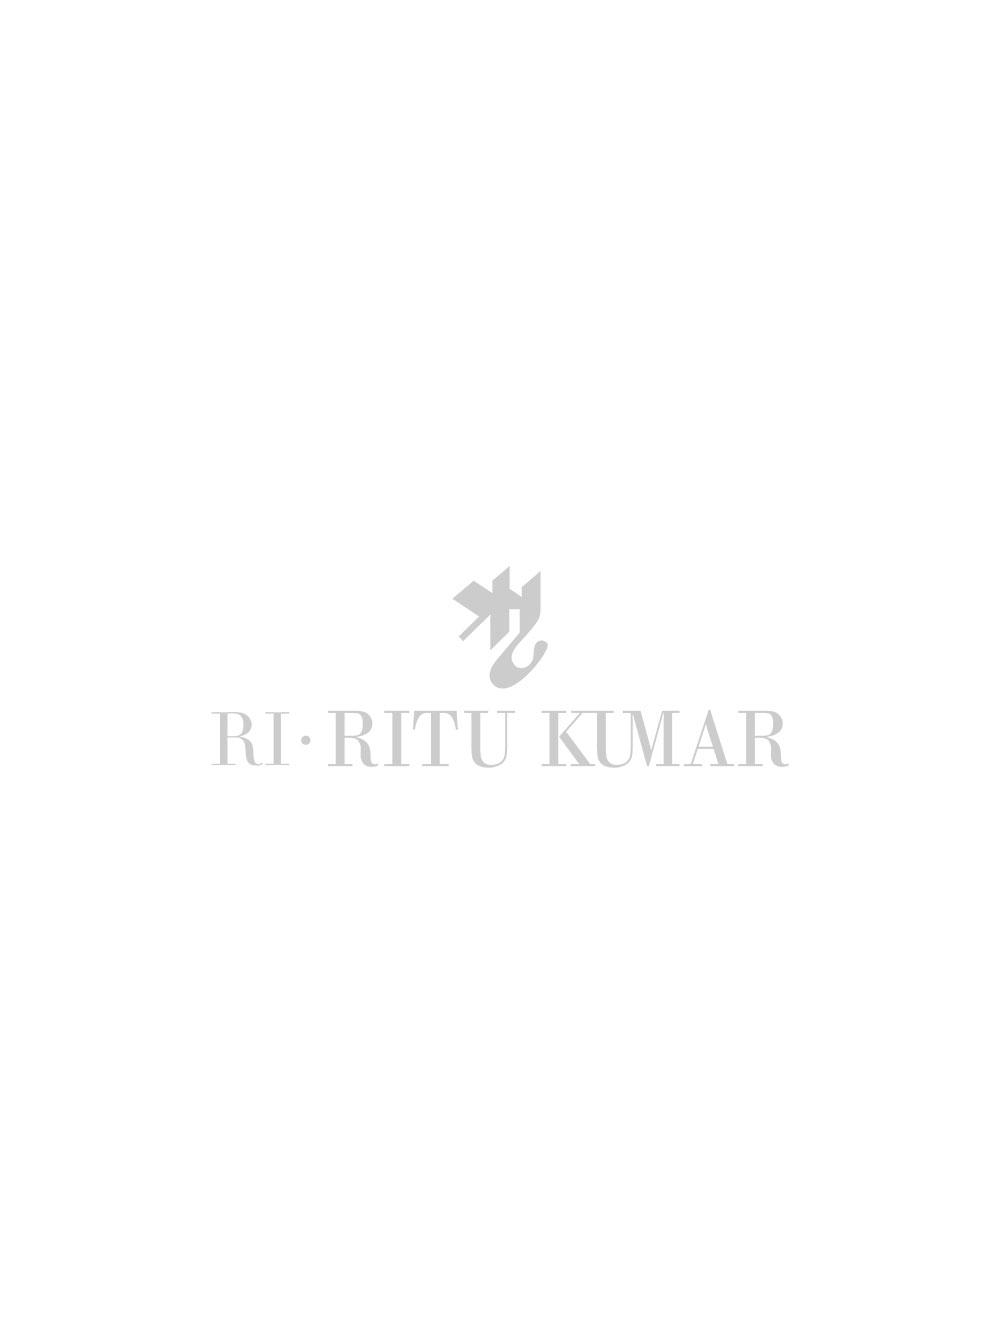 Burgundy and Black Velvet Lehenga Design by Ritu Kumar